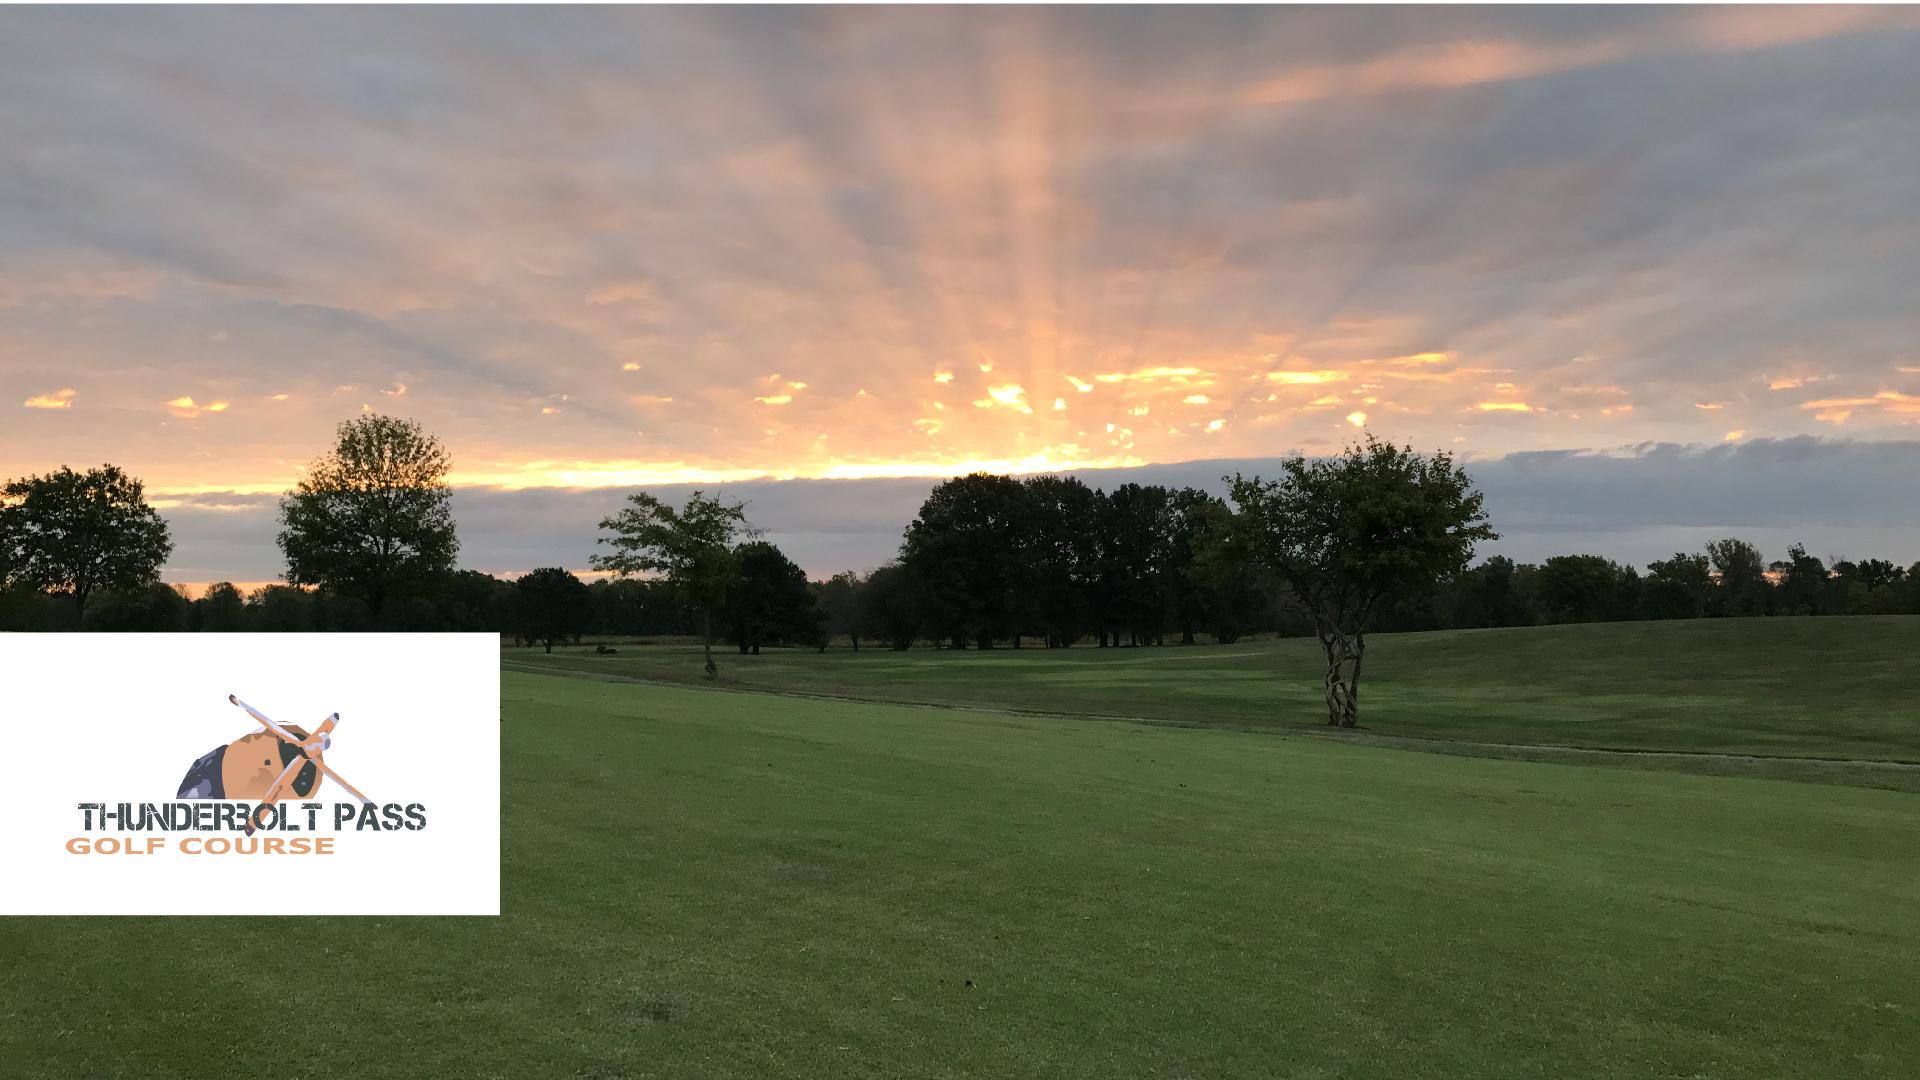 Thunderbolt-Pass-Golf-Course-Green-Golf-Partners